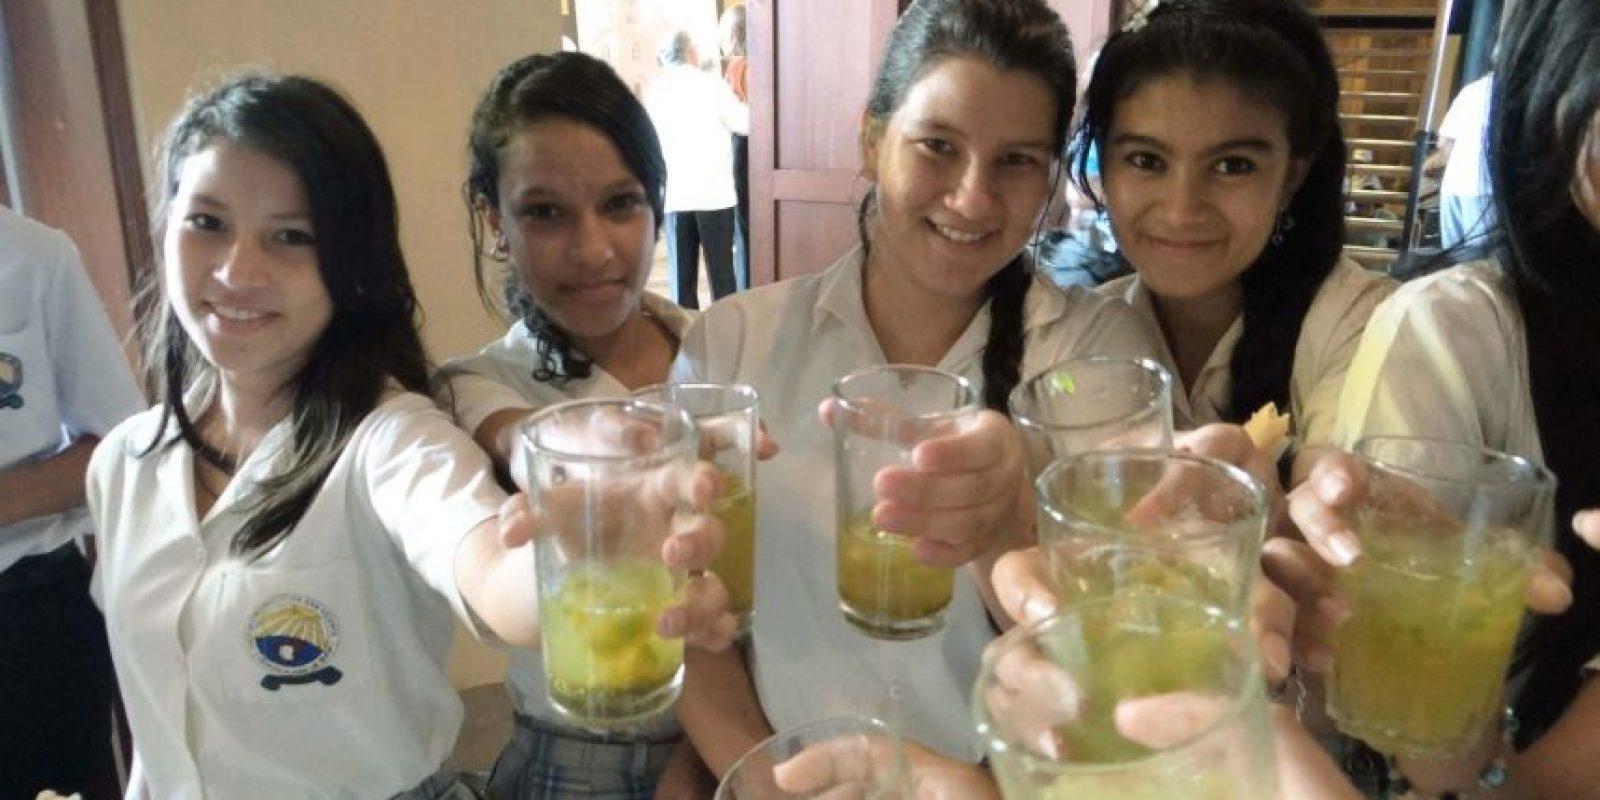 La lulada valluna, una de las bebidas más refrescantes e insignes de la región. Foto: Diego Hernán Pérez S. /PUBLIMETRO